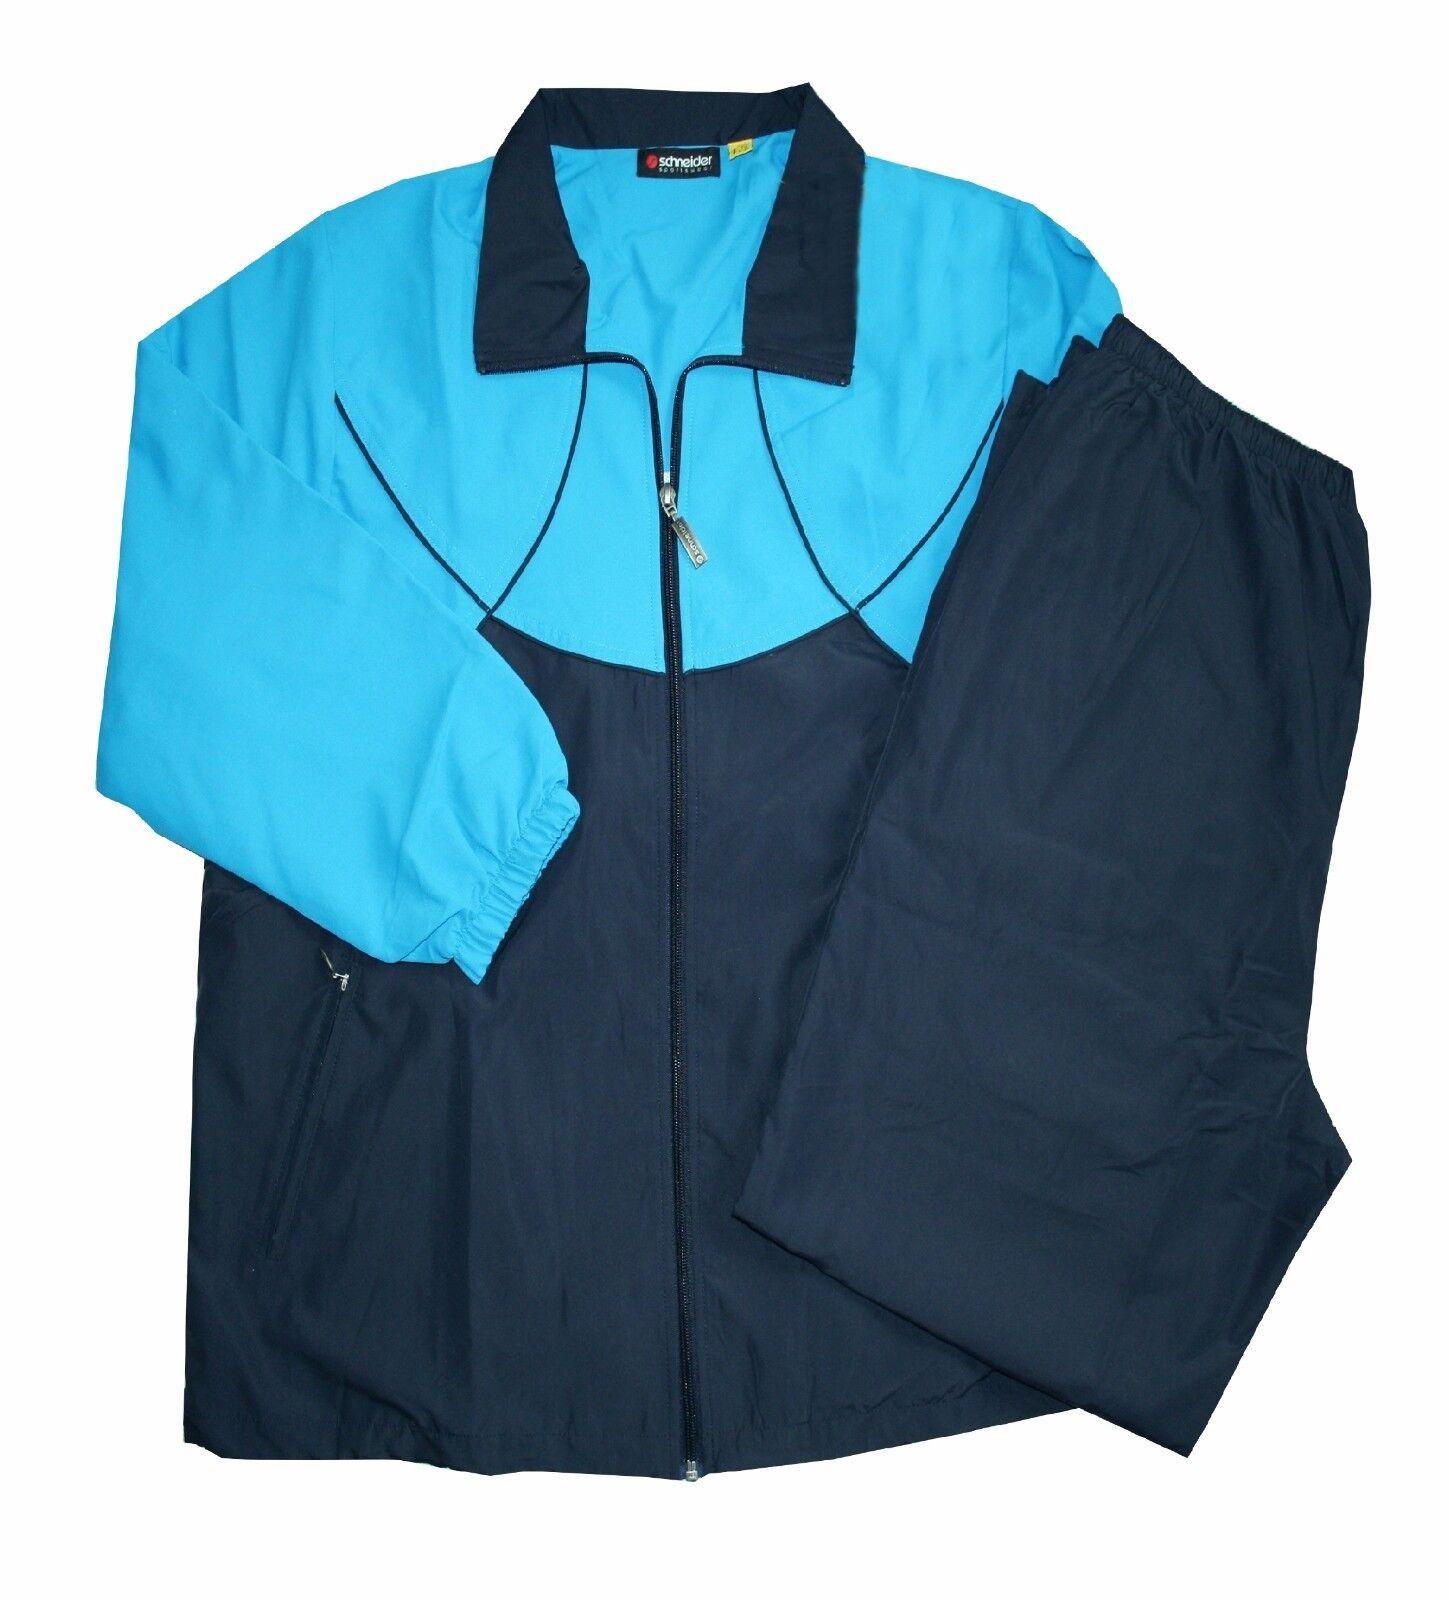 Schneider Sportswear SASKIA Damen Trainingsanzug Hausanzug Kurzgröße Kurzgröße Kurzgröße 20 -21 40c645